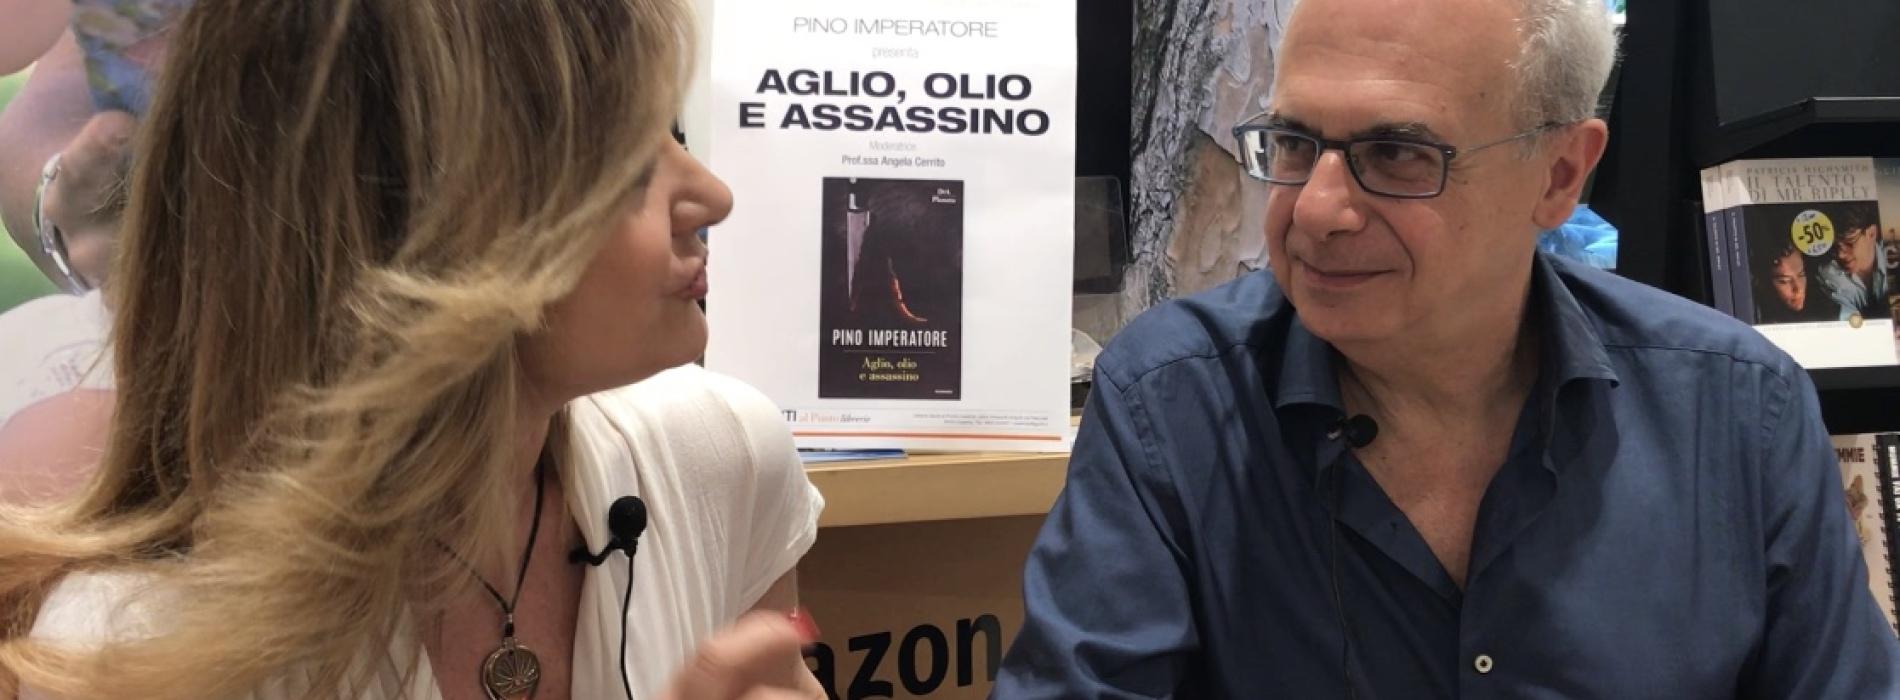 Pino Imperatore a Caserta alla Libreria Giunti al Punto